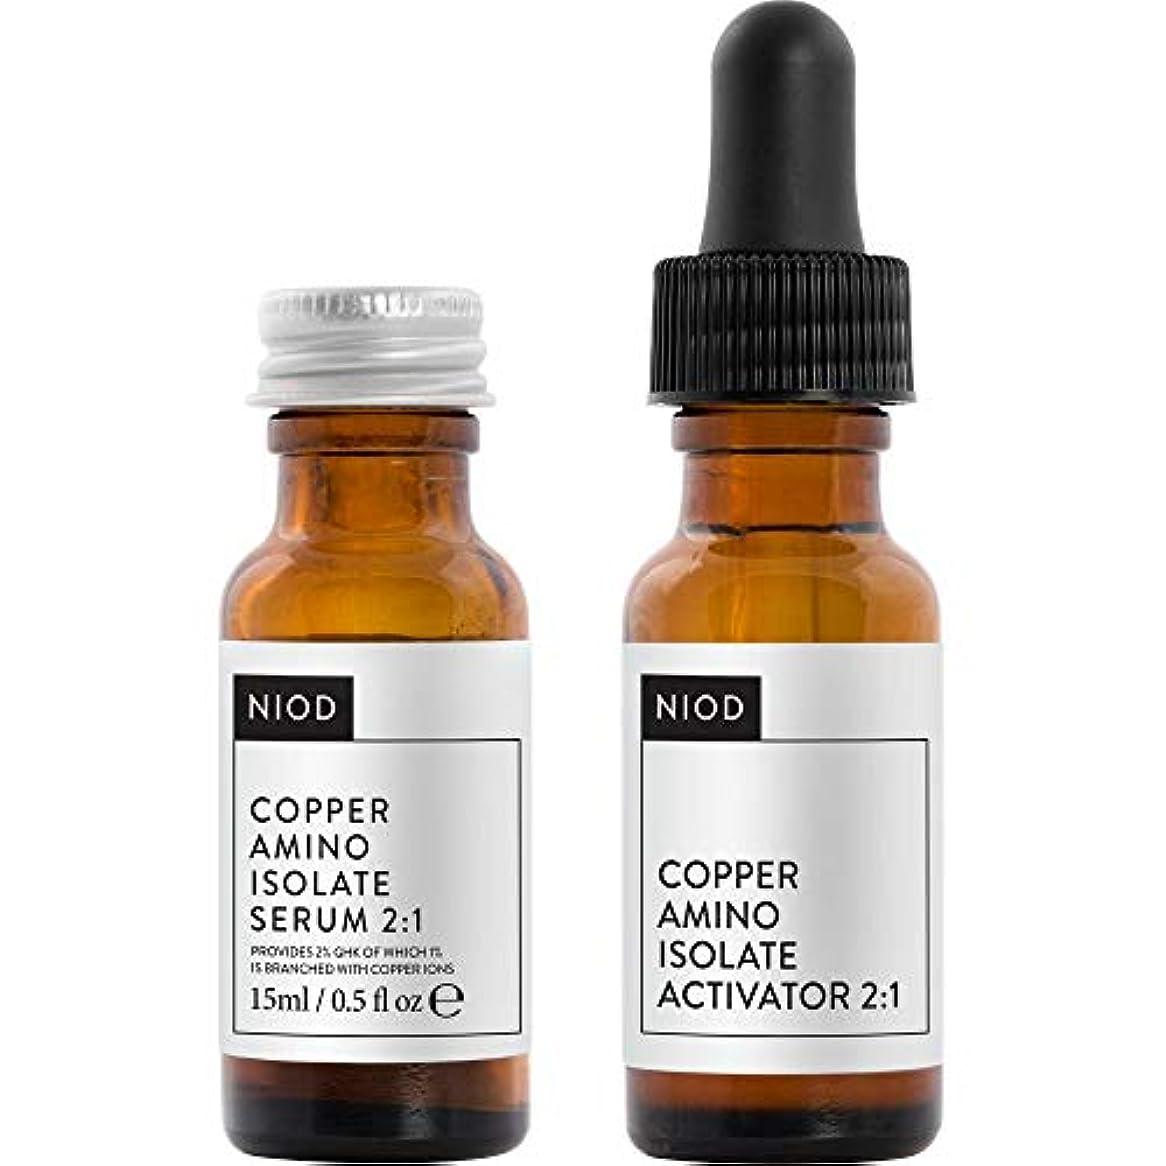 時々錫風味[NIOD] Niod銅アミノ分離株の血清2:1 15ミリリットル - NIOD Copper Amino Isolate Serum 2:1 15ml [並行輸入品]